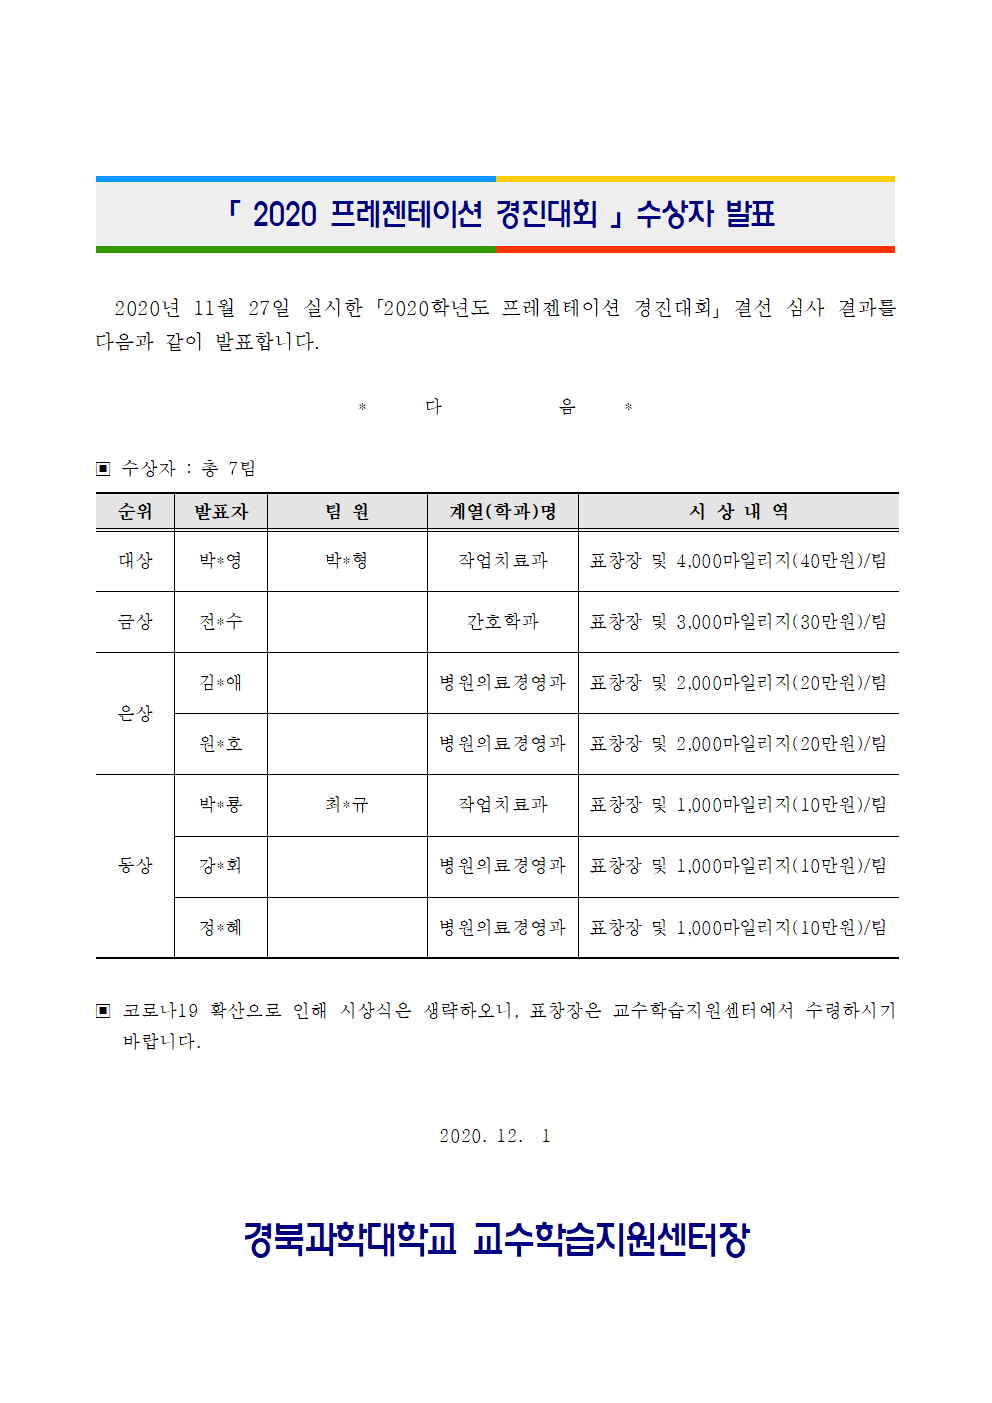 2020 프레젠테이션 경진대회 수상자 발표.png